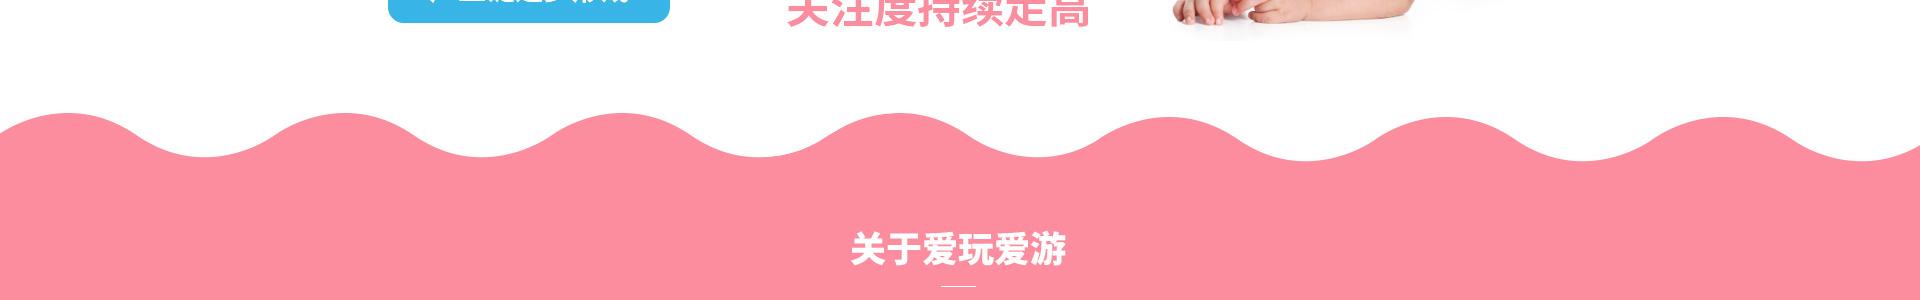 爱玩爱游亲子成长中心aiwanay_08